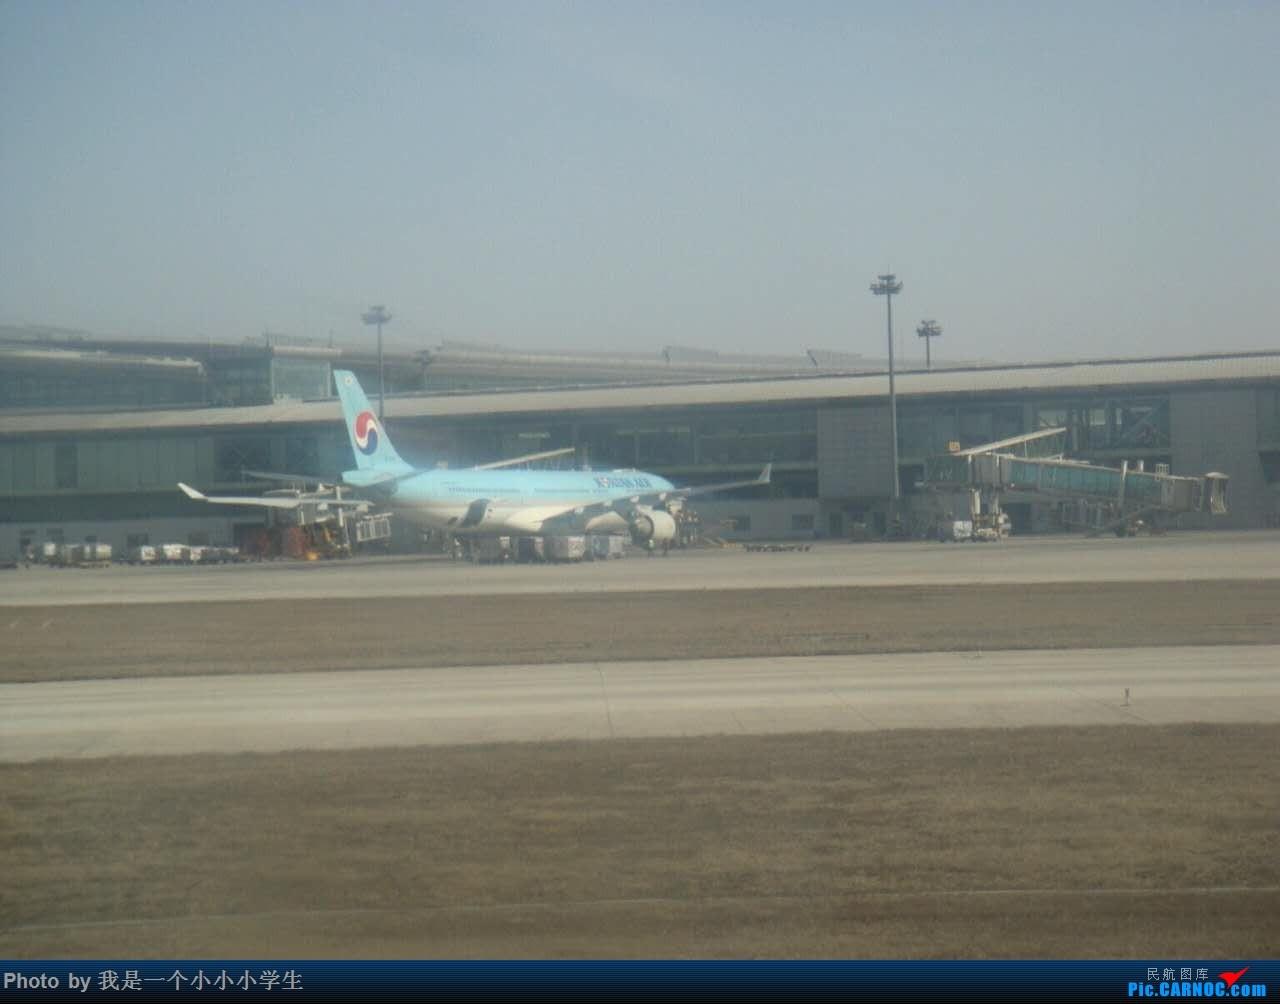 Re:[原创]天津-澳门-珠海-天津五日游[上] AIRBUS A330-300 HL-7538 中国天津滨海国际机场